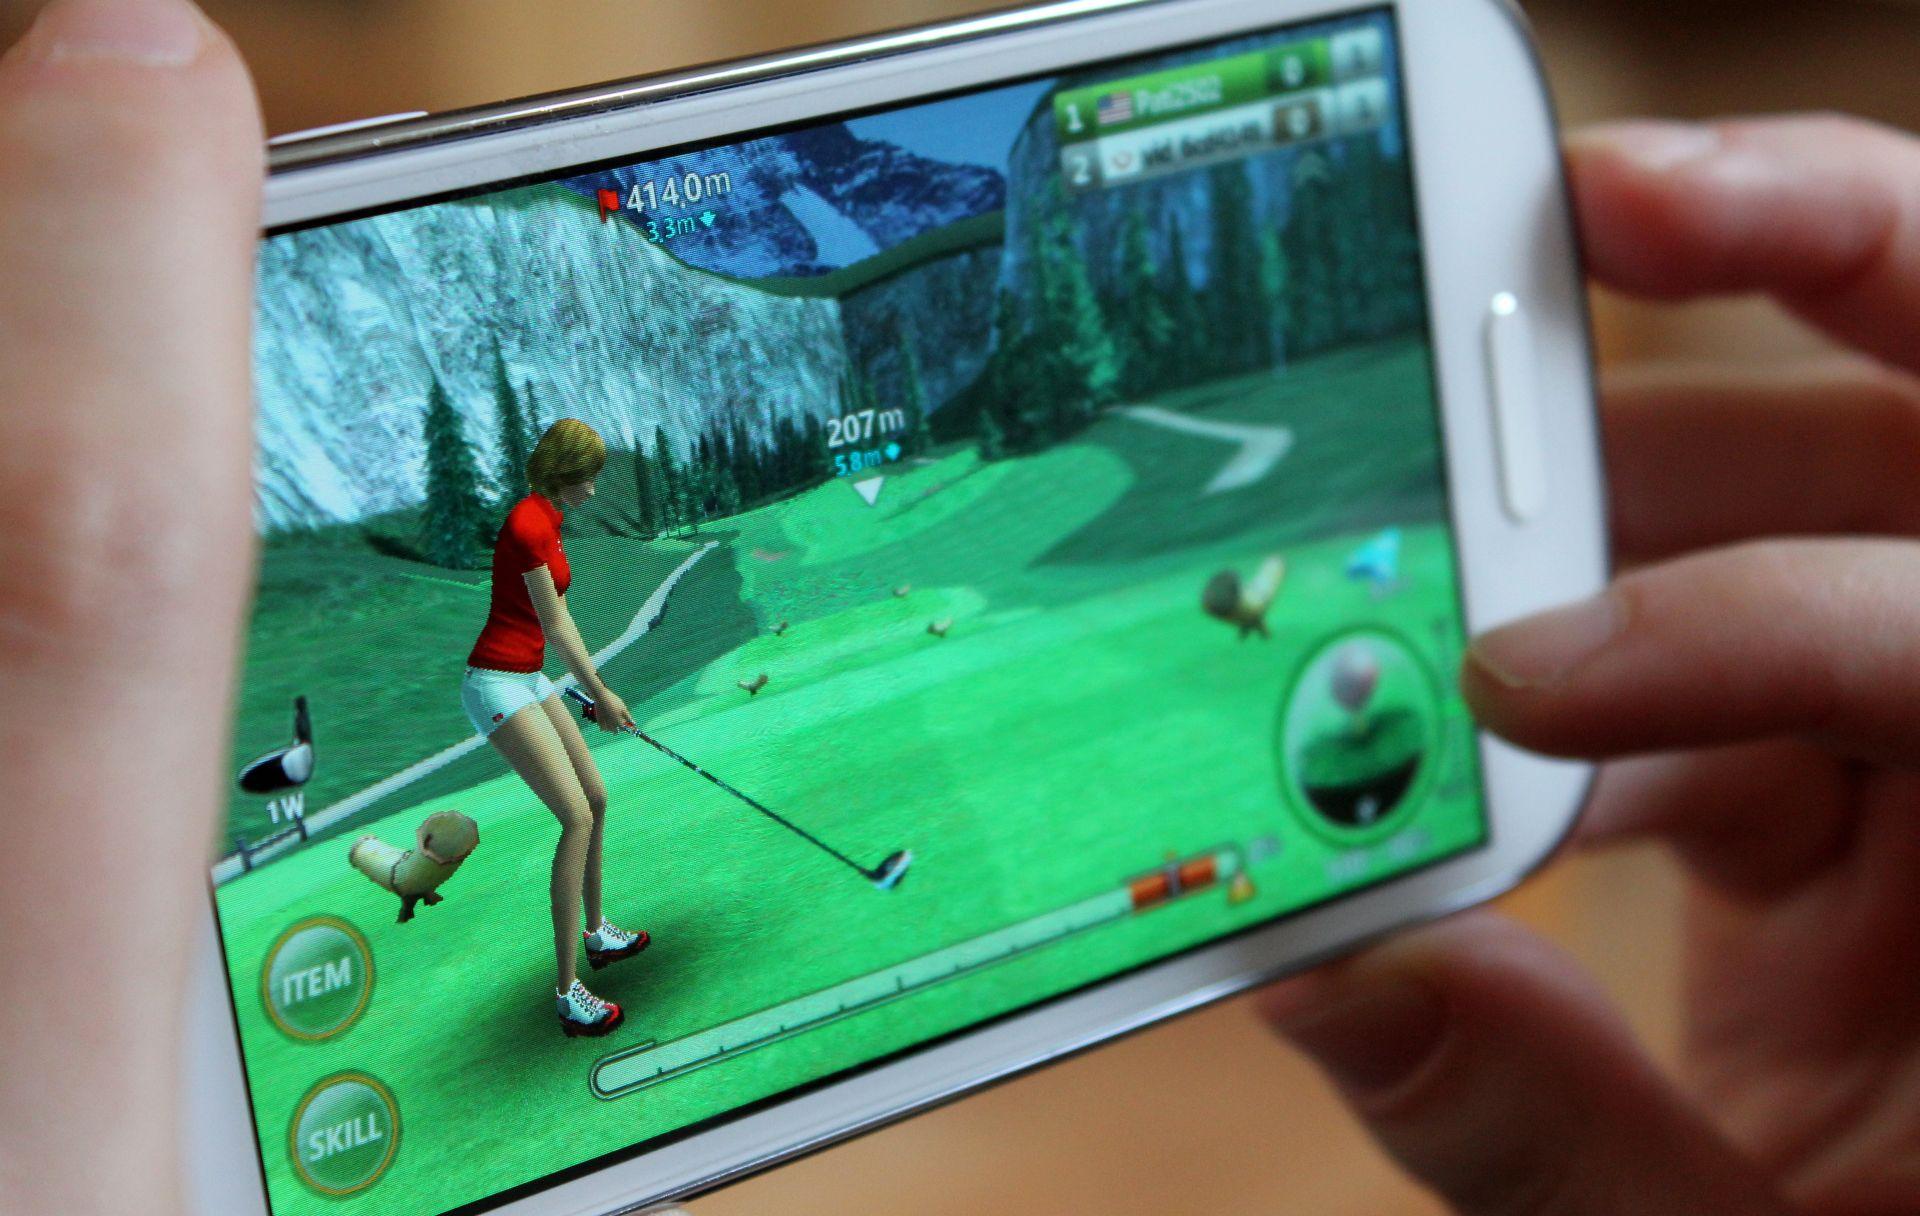 Golf Entfernungsmesser Iphone App : Golf apps für das smartphone welche games machen süchtig